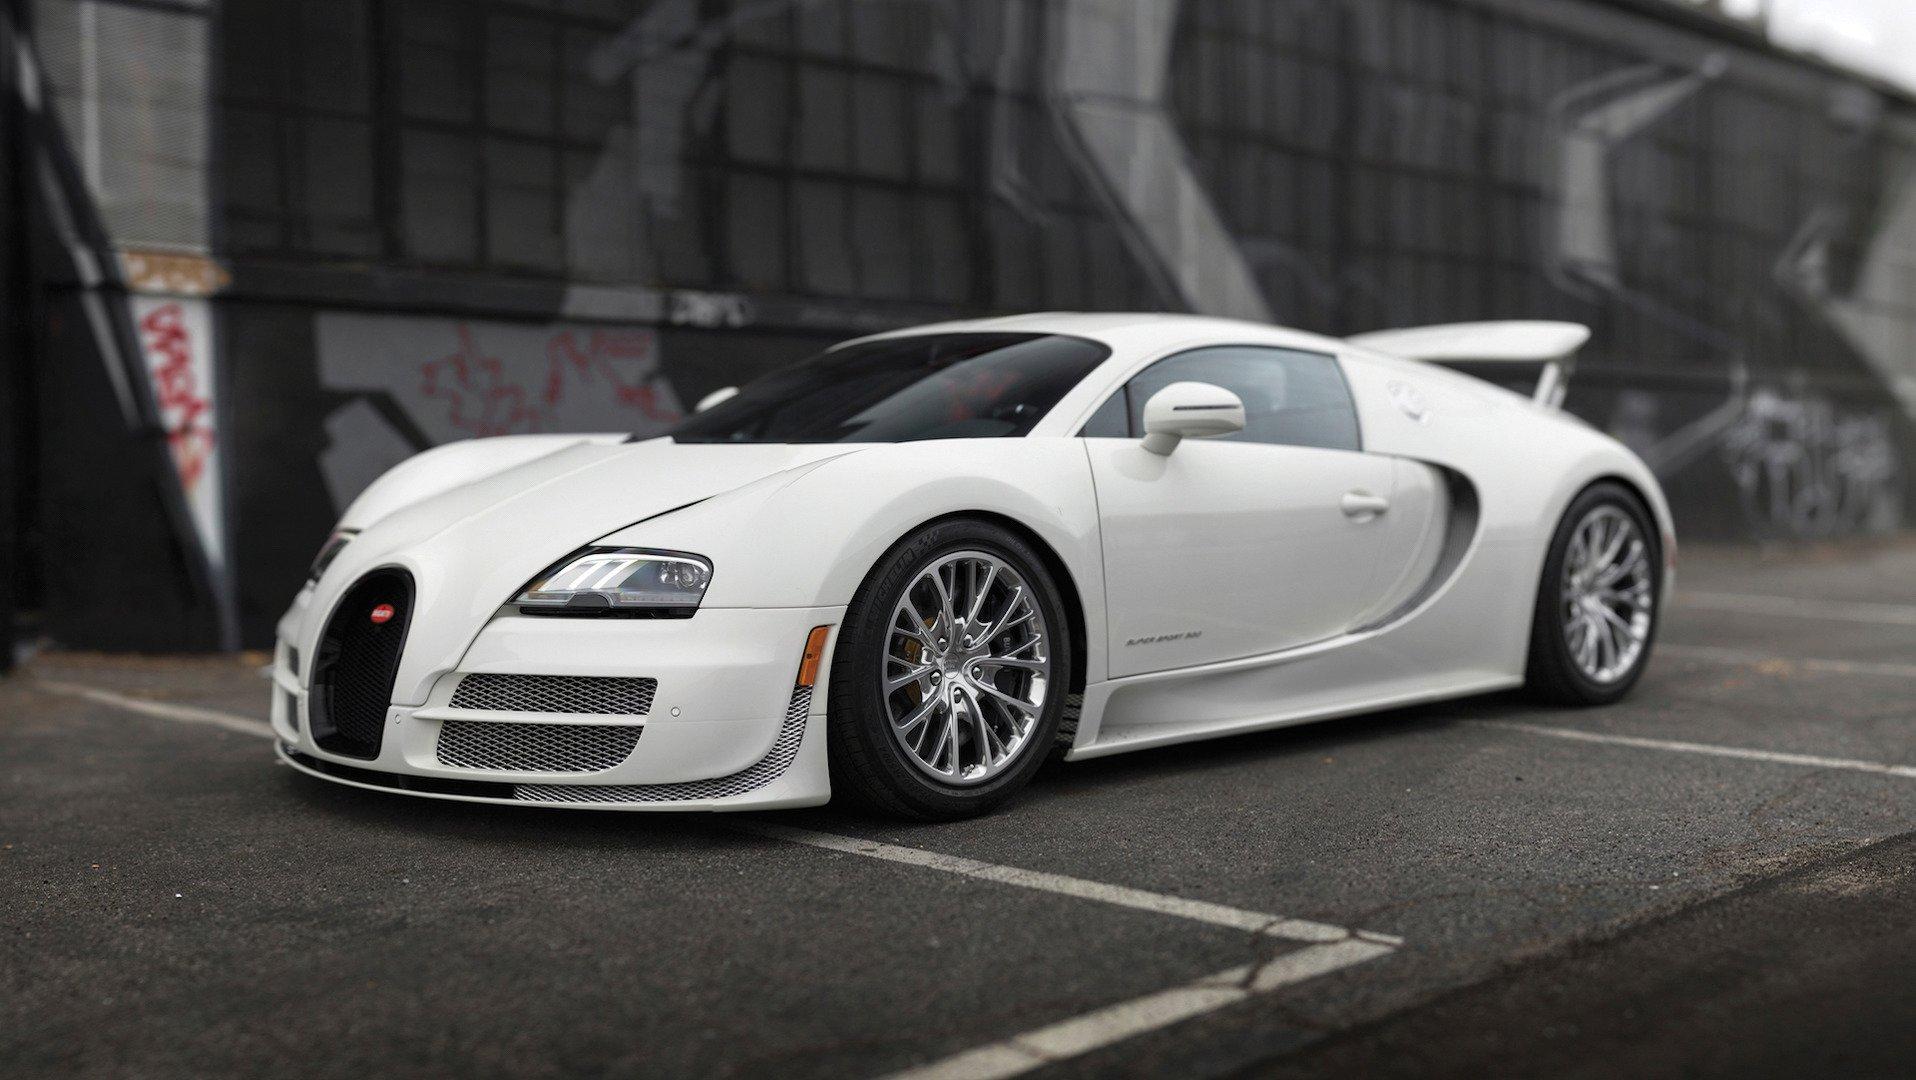 Бугатти Veyron получает 15 лет заводской гарантии